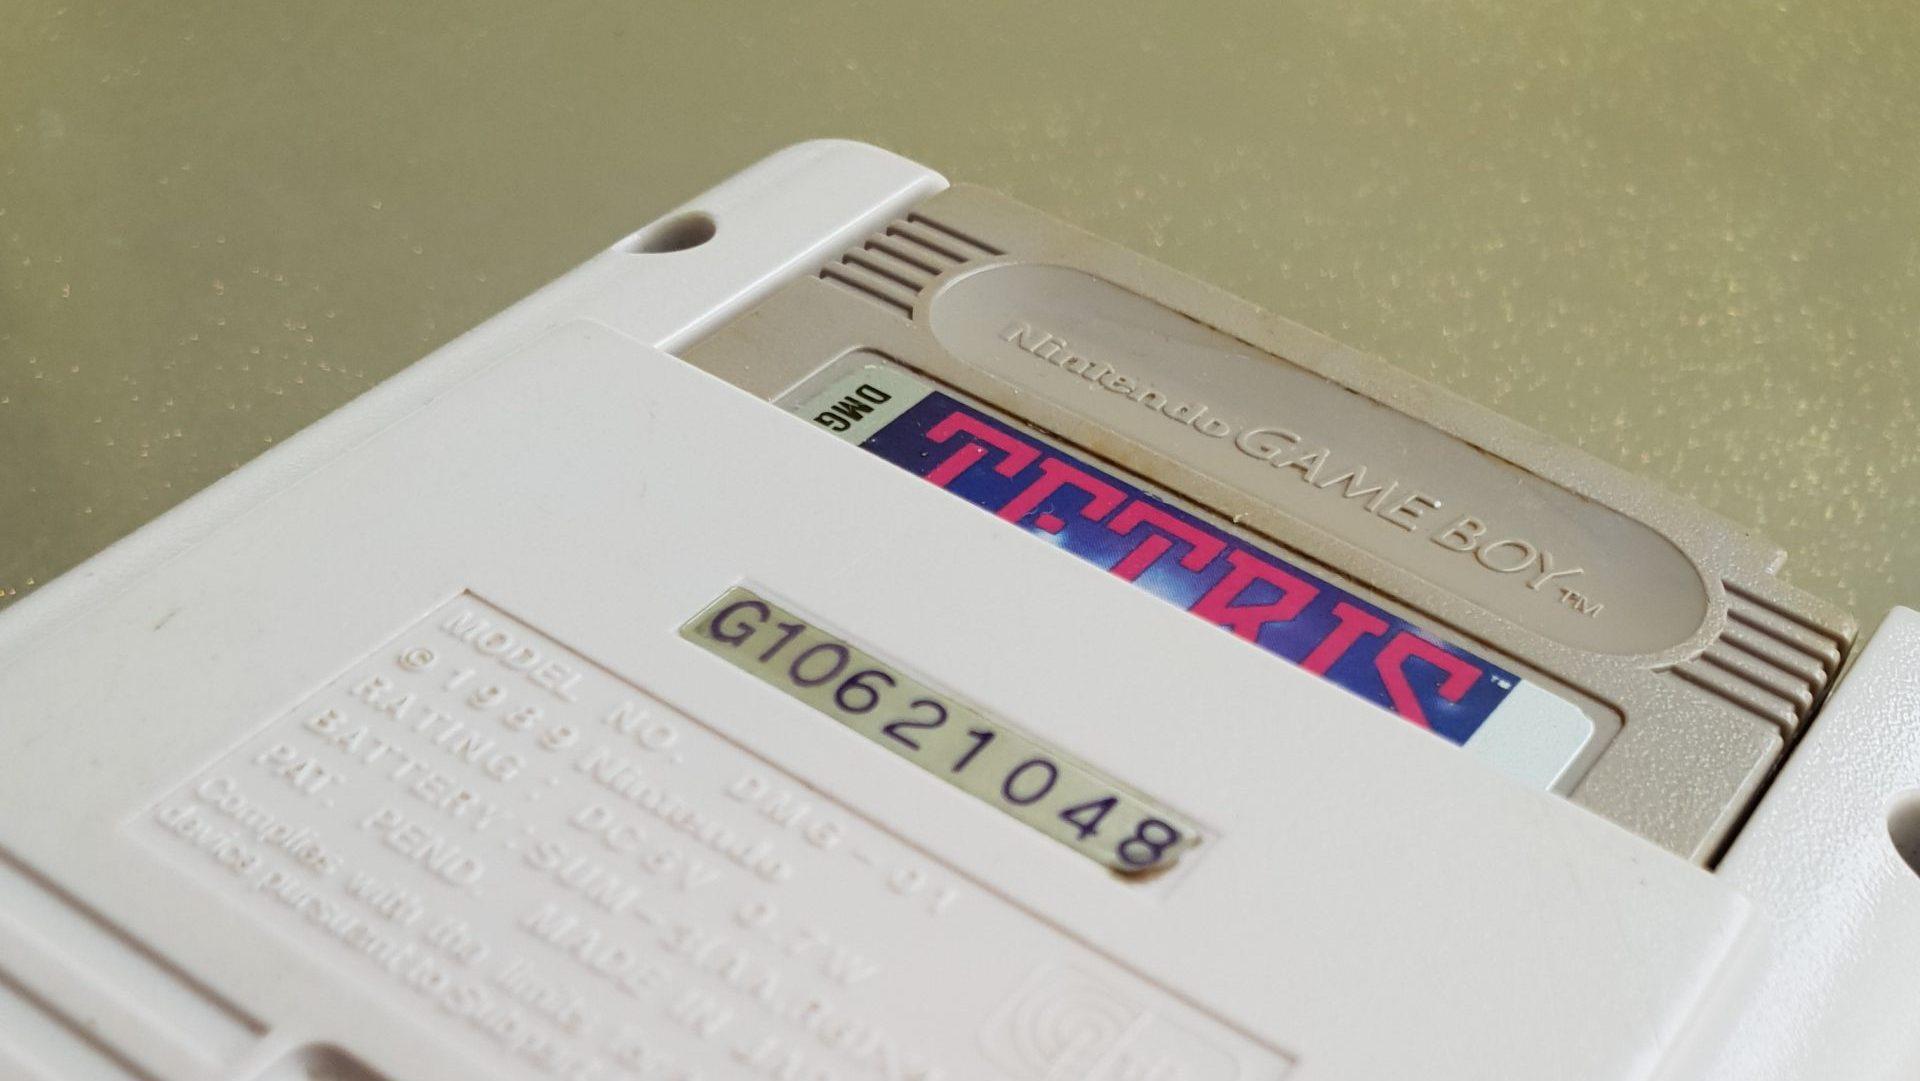 Tetris lag anfangs jedem Game Boy bei, was ihn auch für Eltern interessant machte. (Foto: Leopold Brodecky)